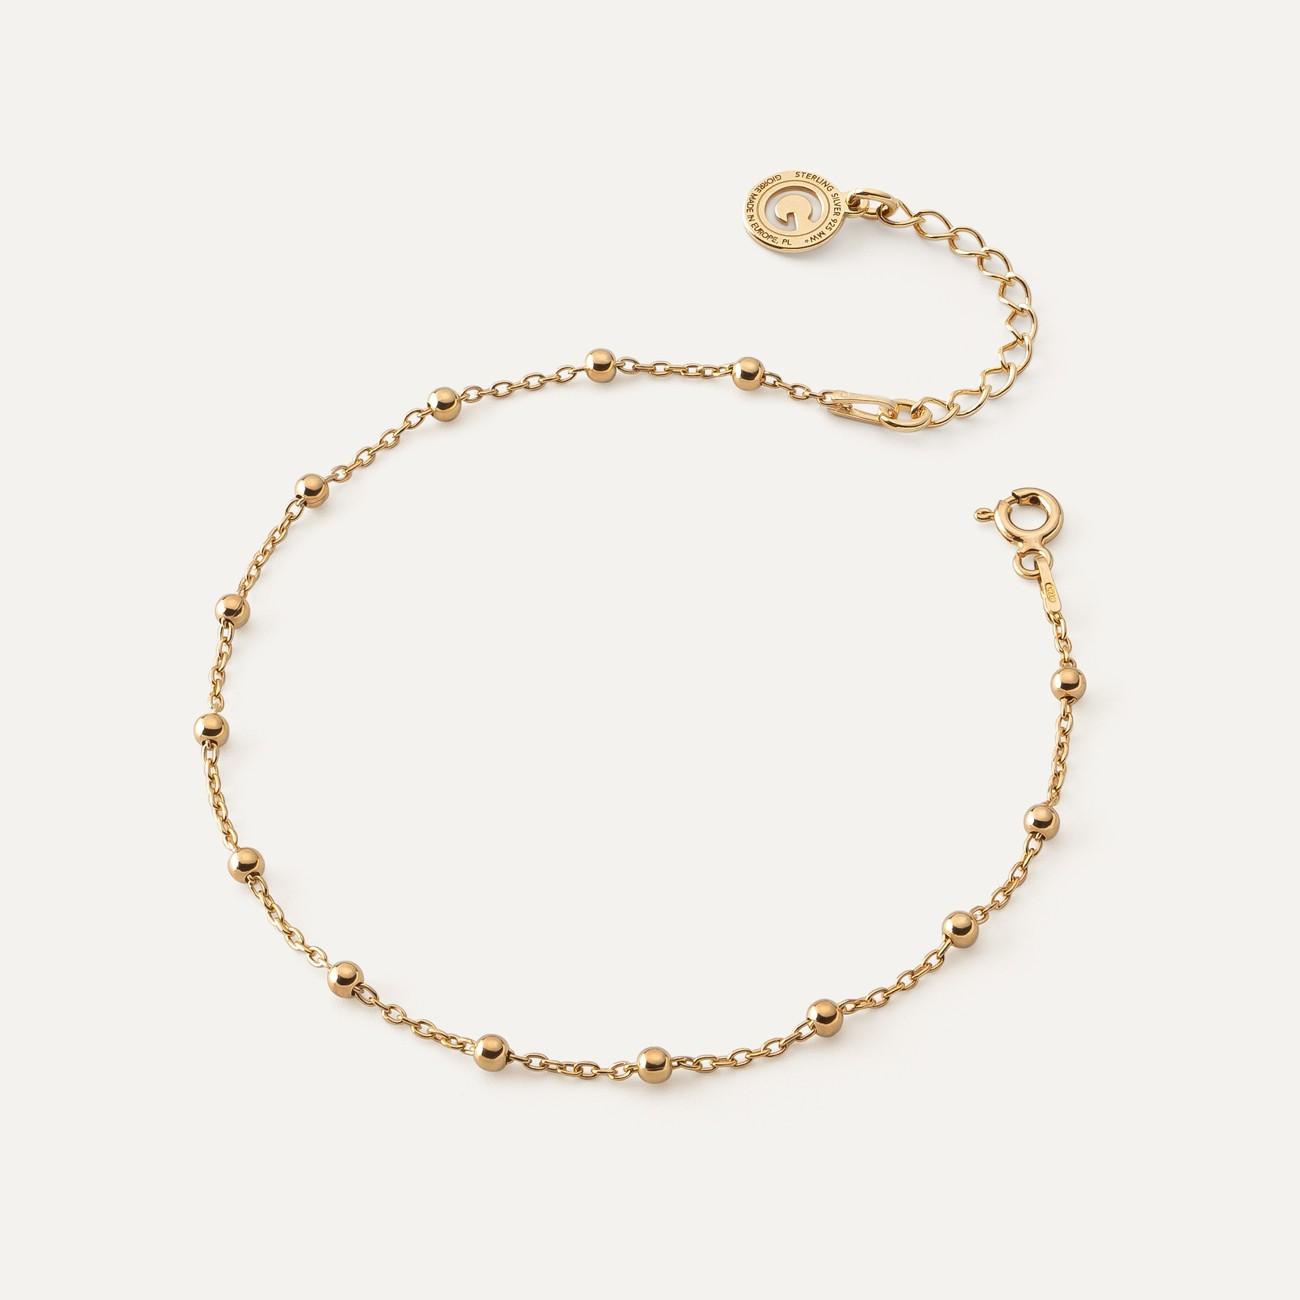 Srebrna bransoletka łańcuszkowa ankier z kulkami, srebro 925